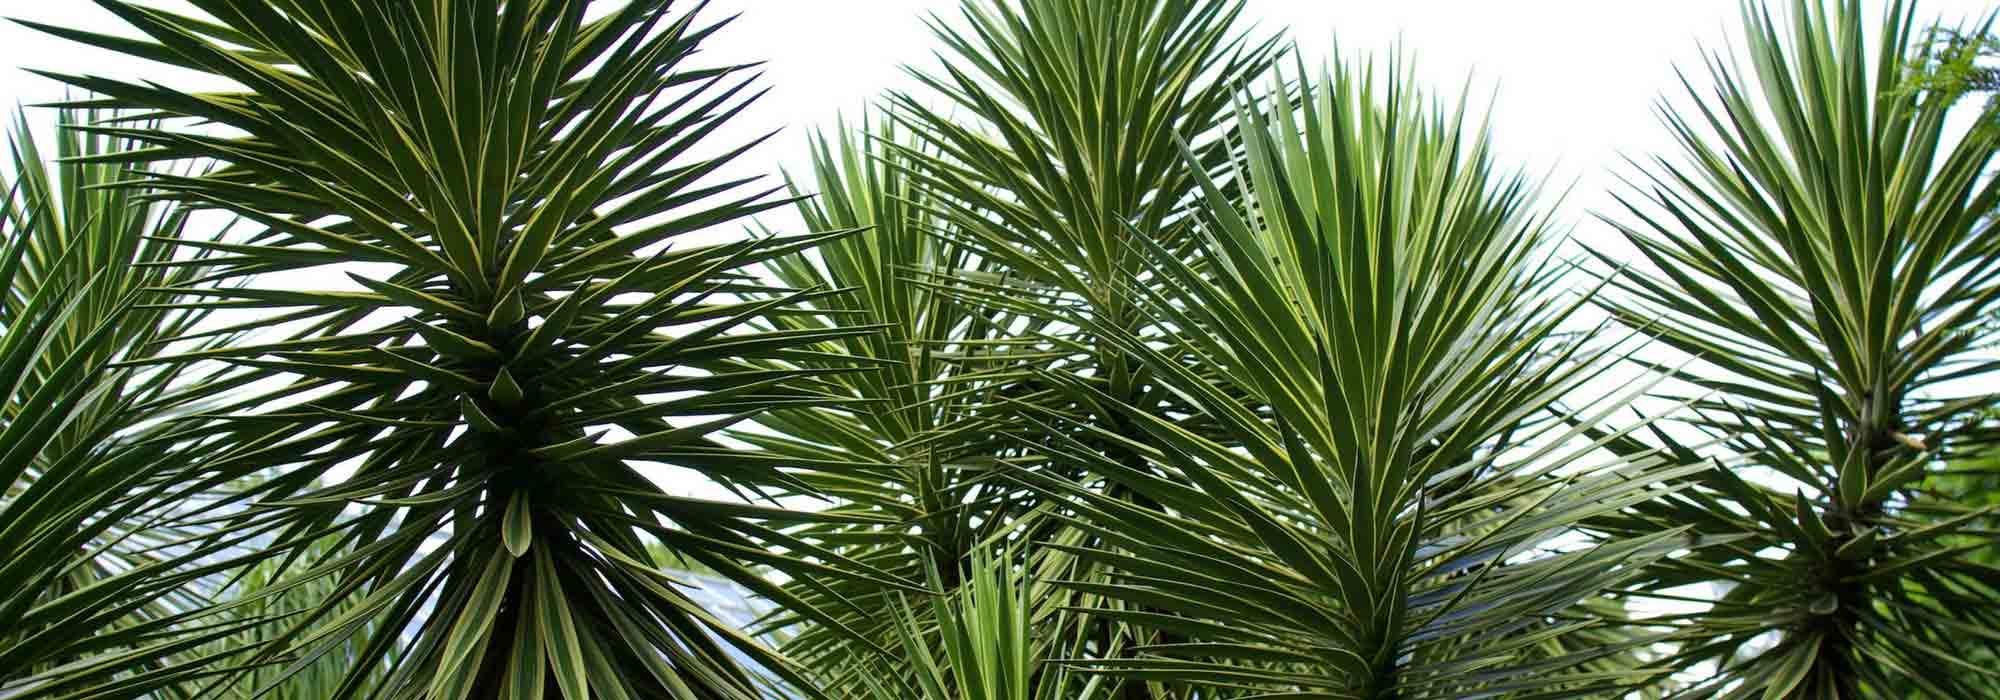 yucca d'extérieur : choix, plantation, entretien, en pot ou au